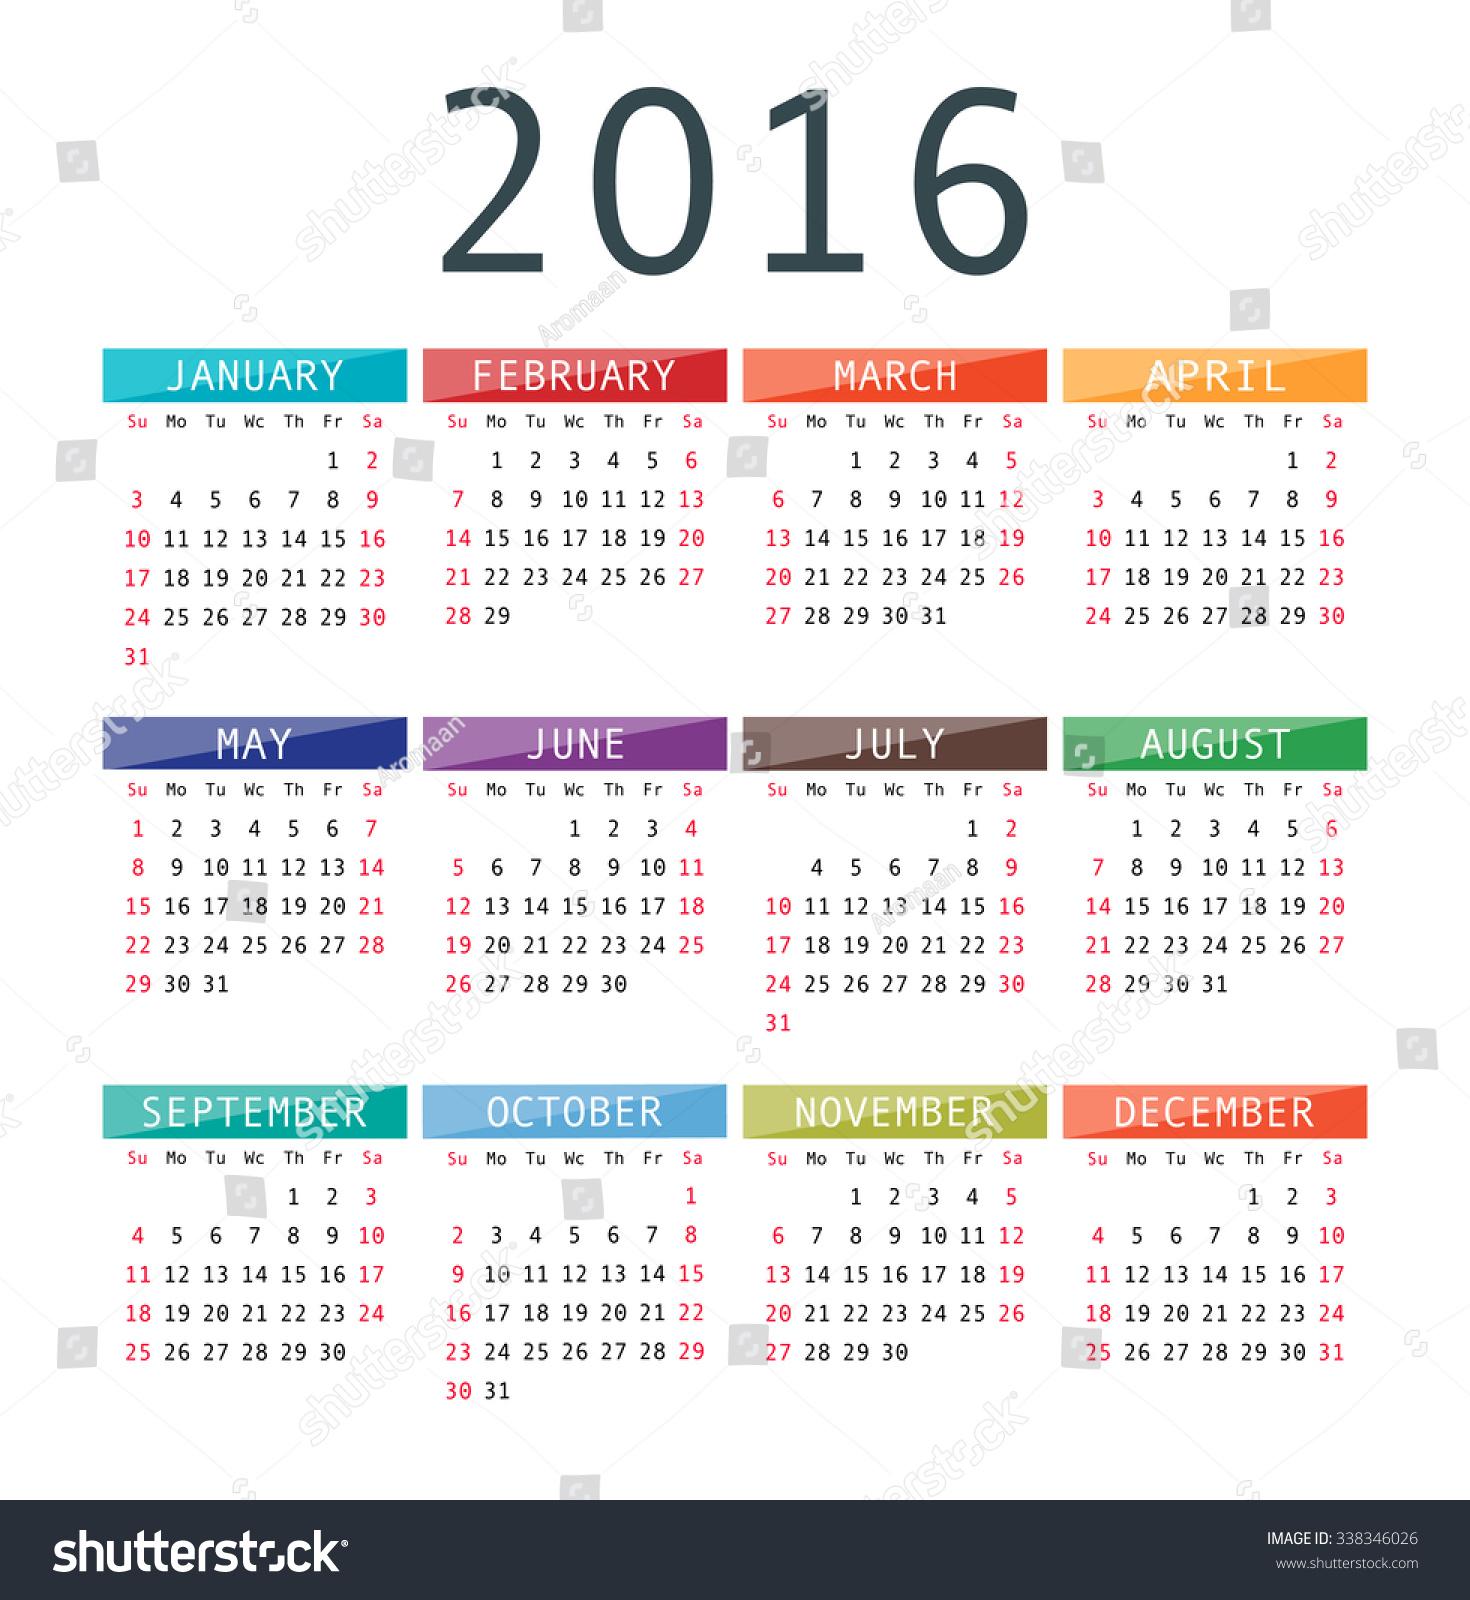 Calendar Design Eps : Vector calendar grid rigorous design stock